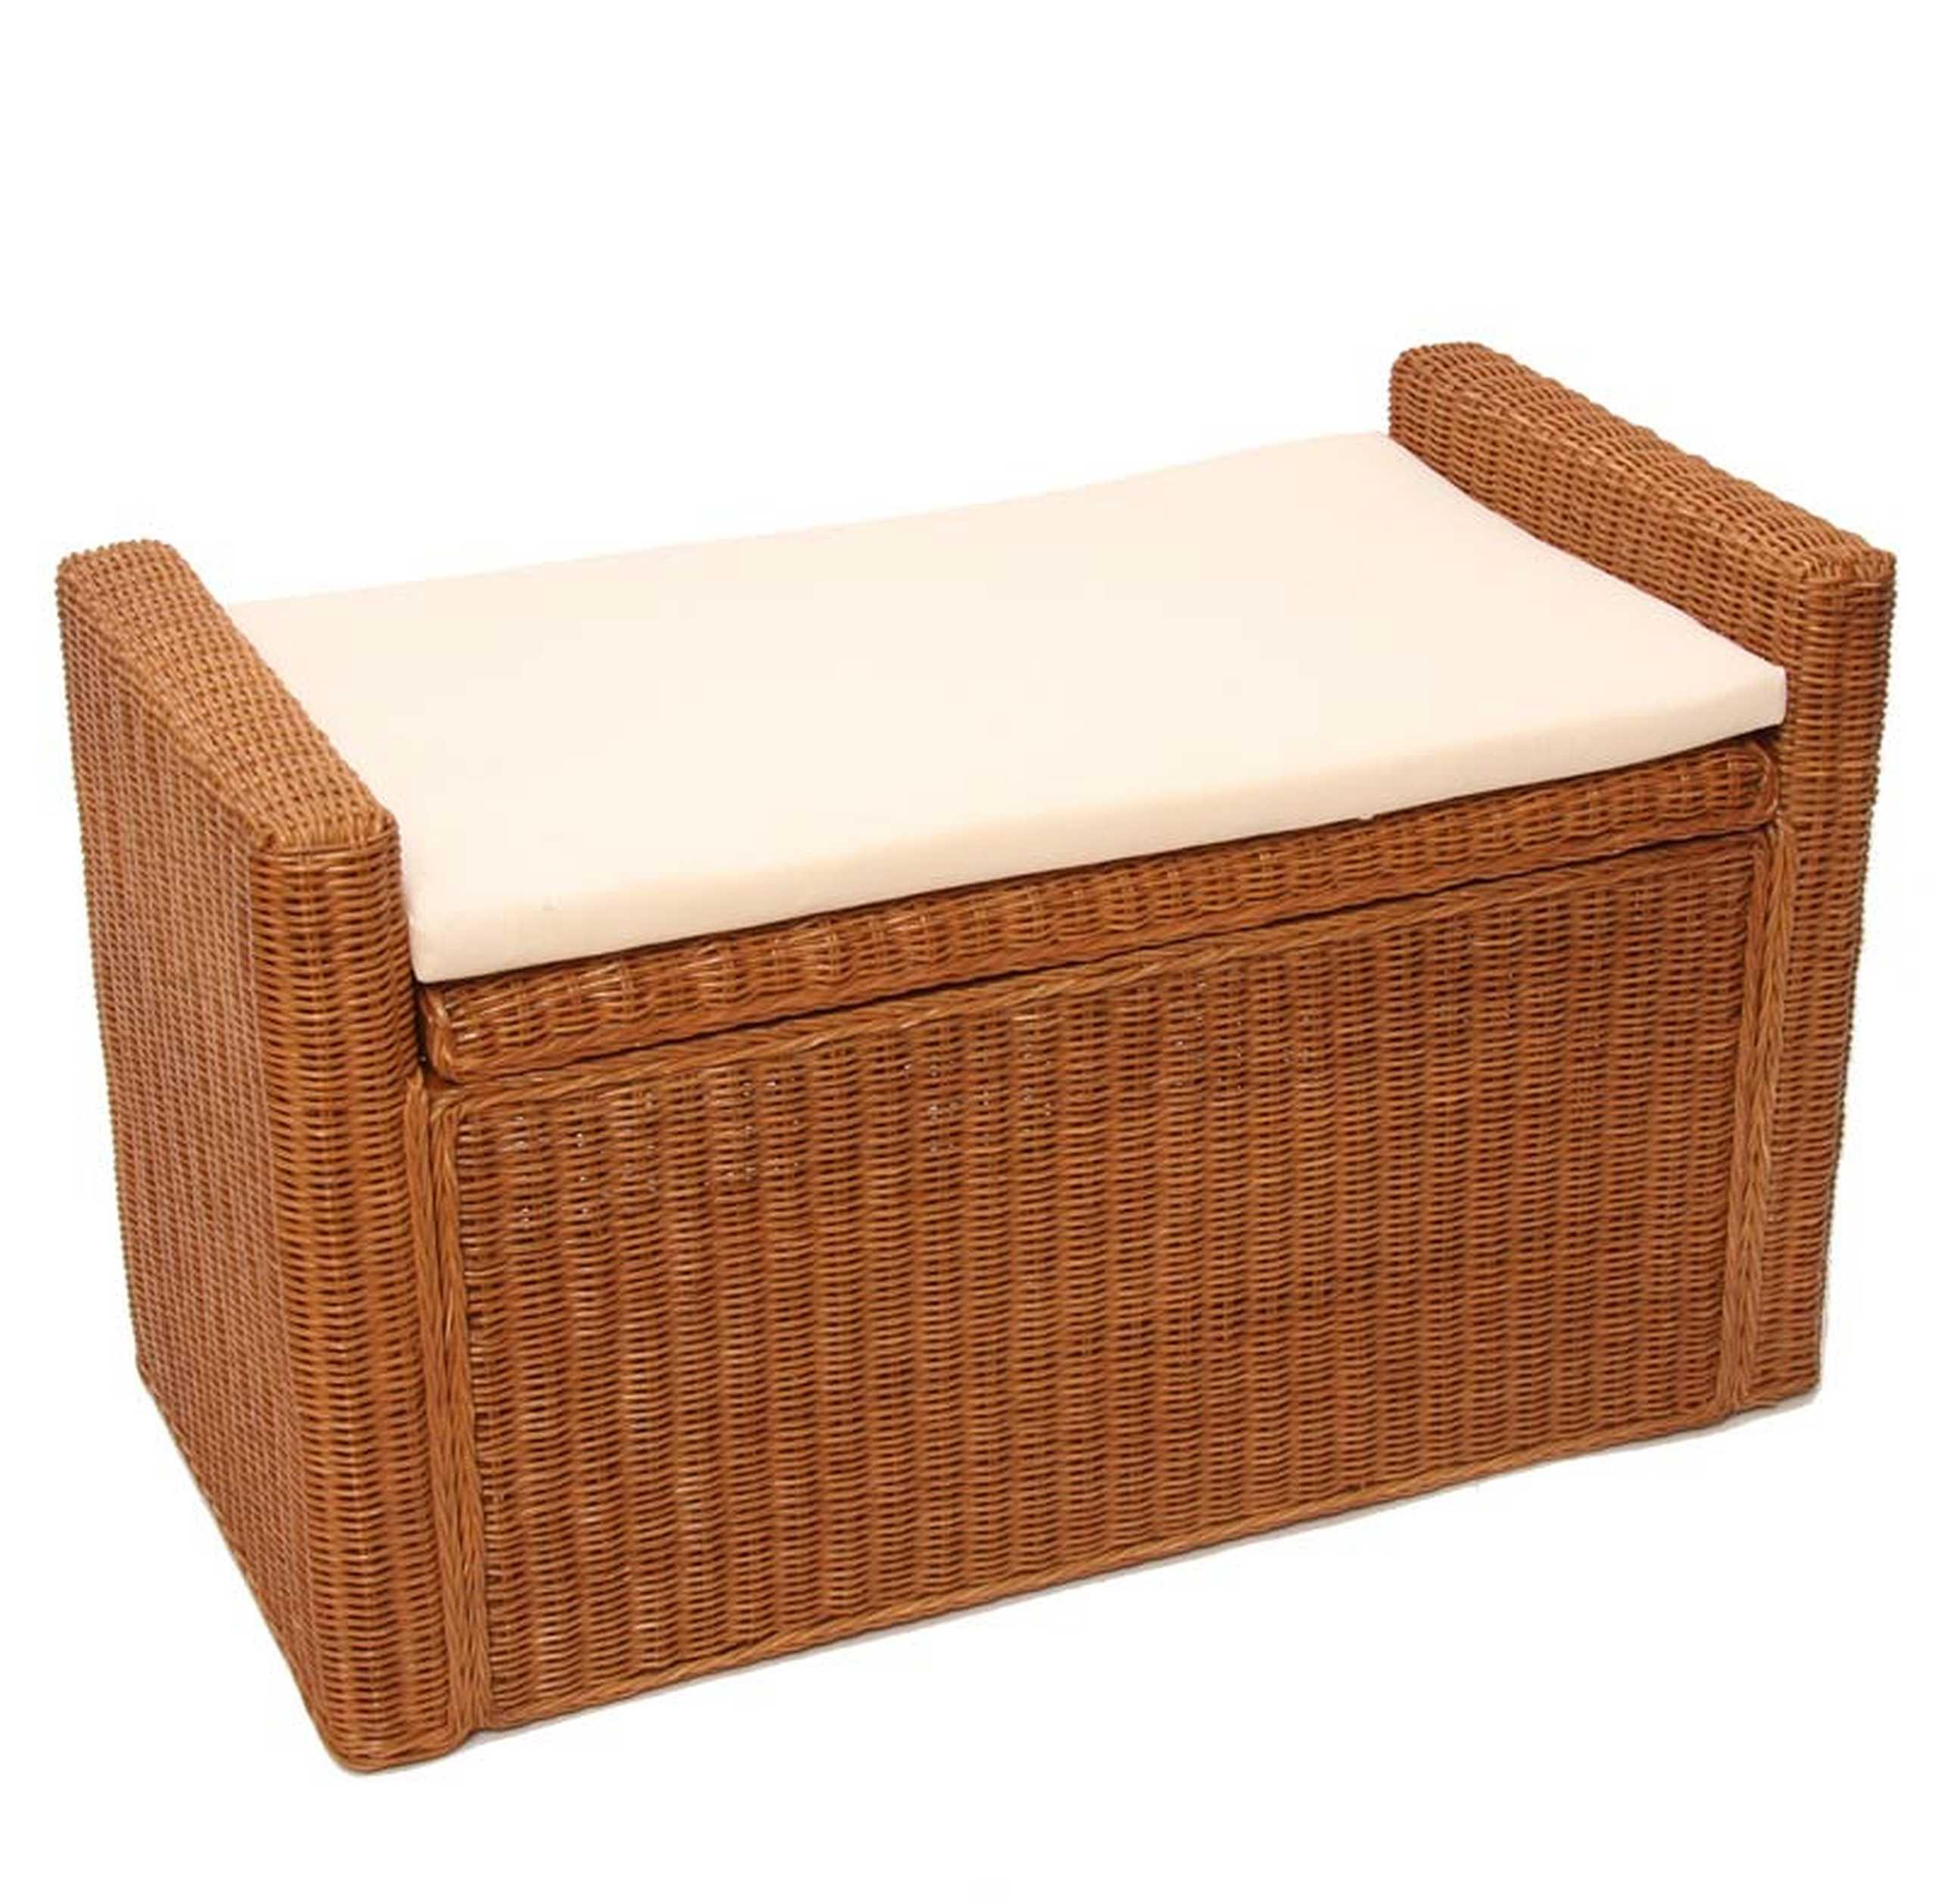 sitzbank sitzhocker m92 rattan mit stauraum und kissen 88cm honigfarben. Black Bedroom Furniture Sets. Home Design Ideas